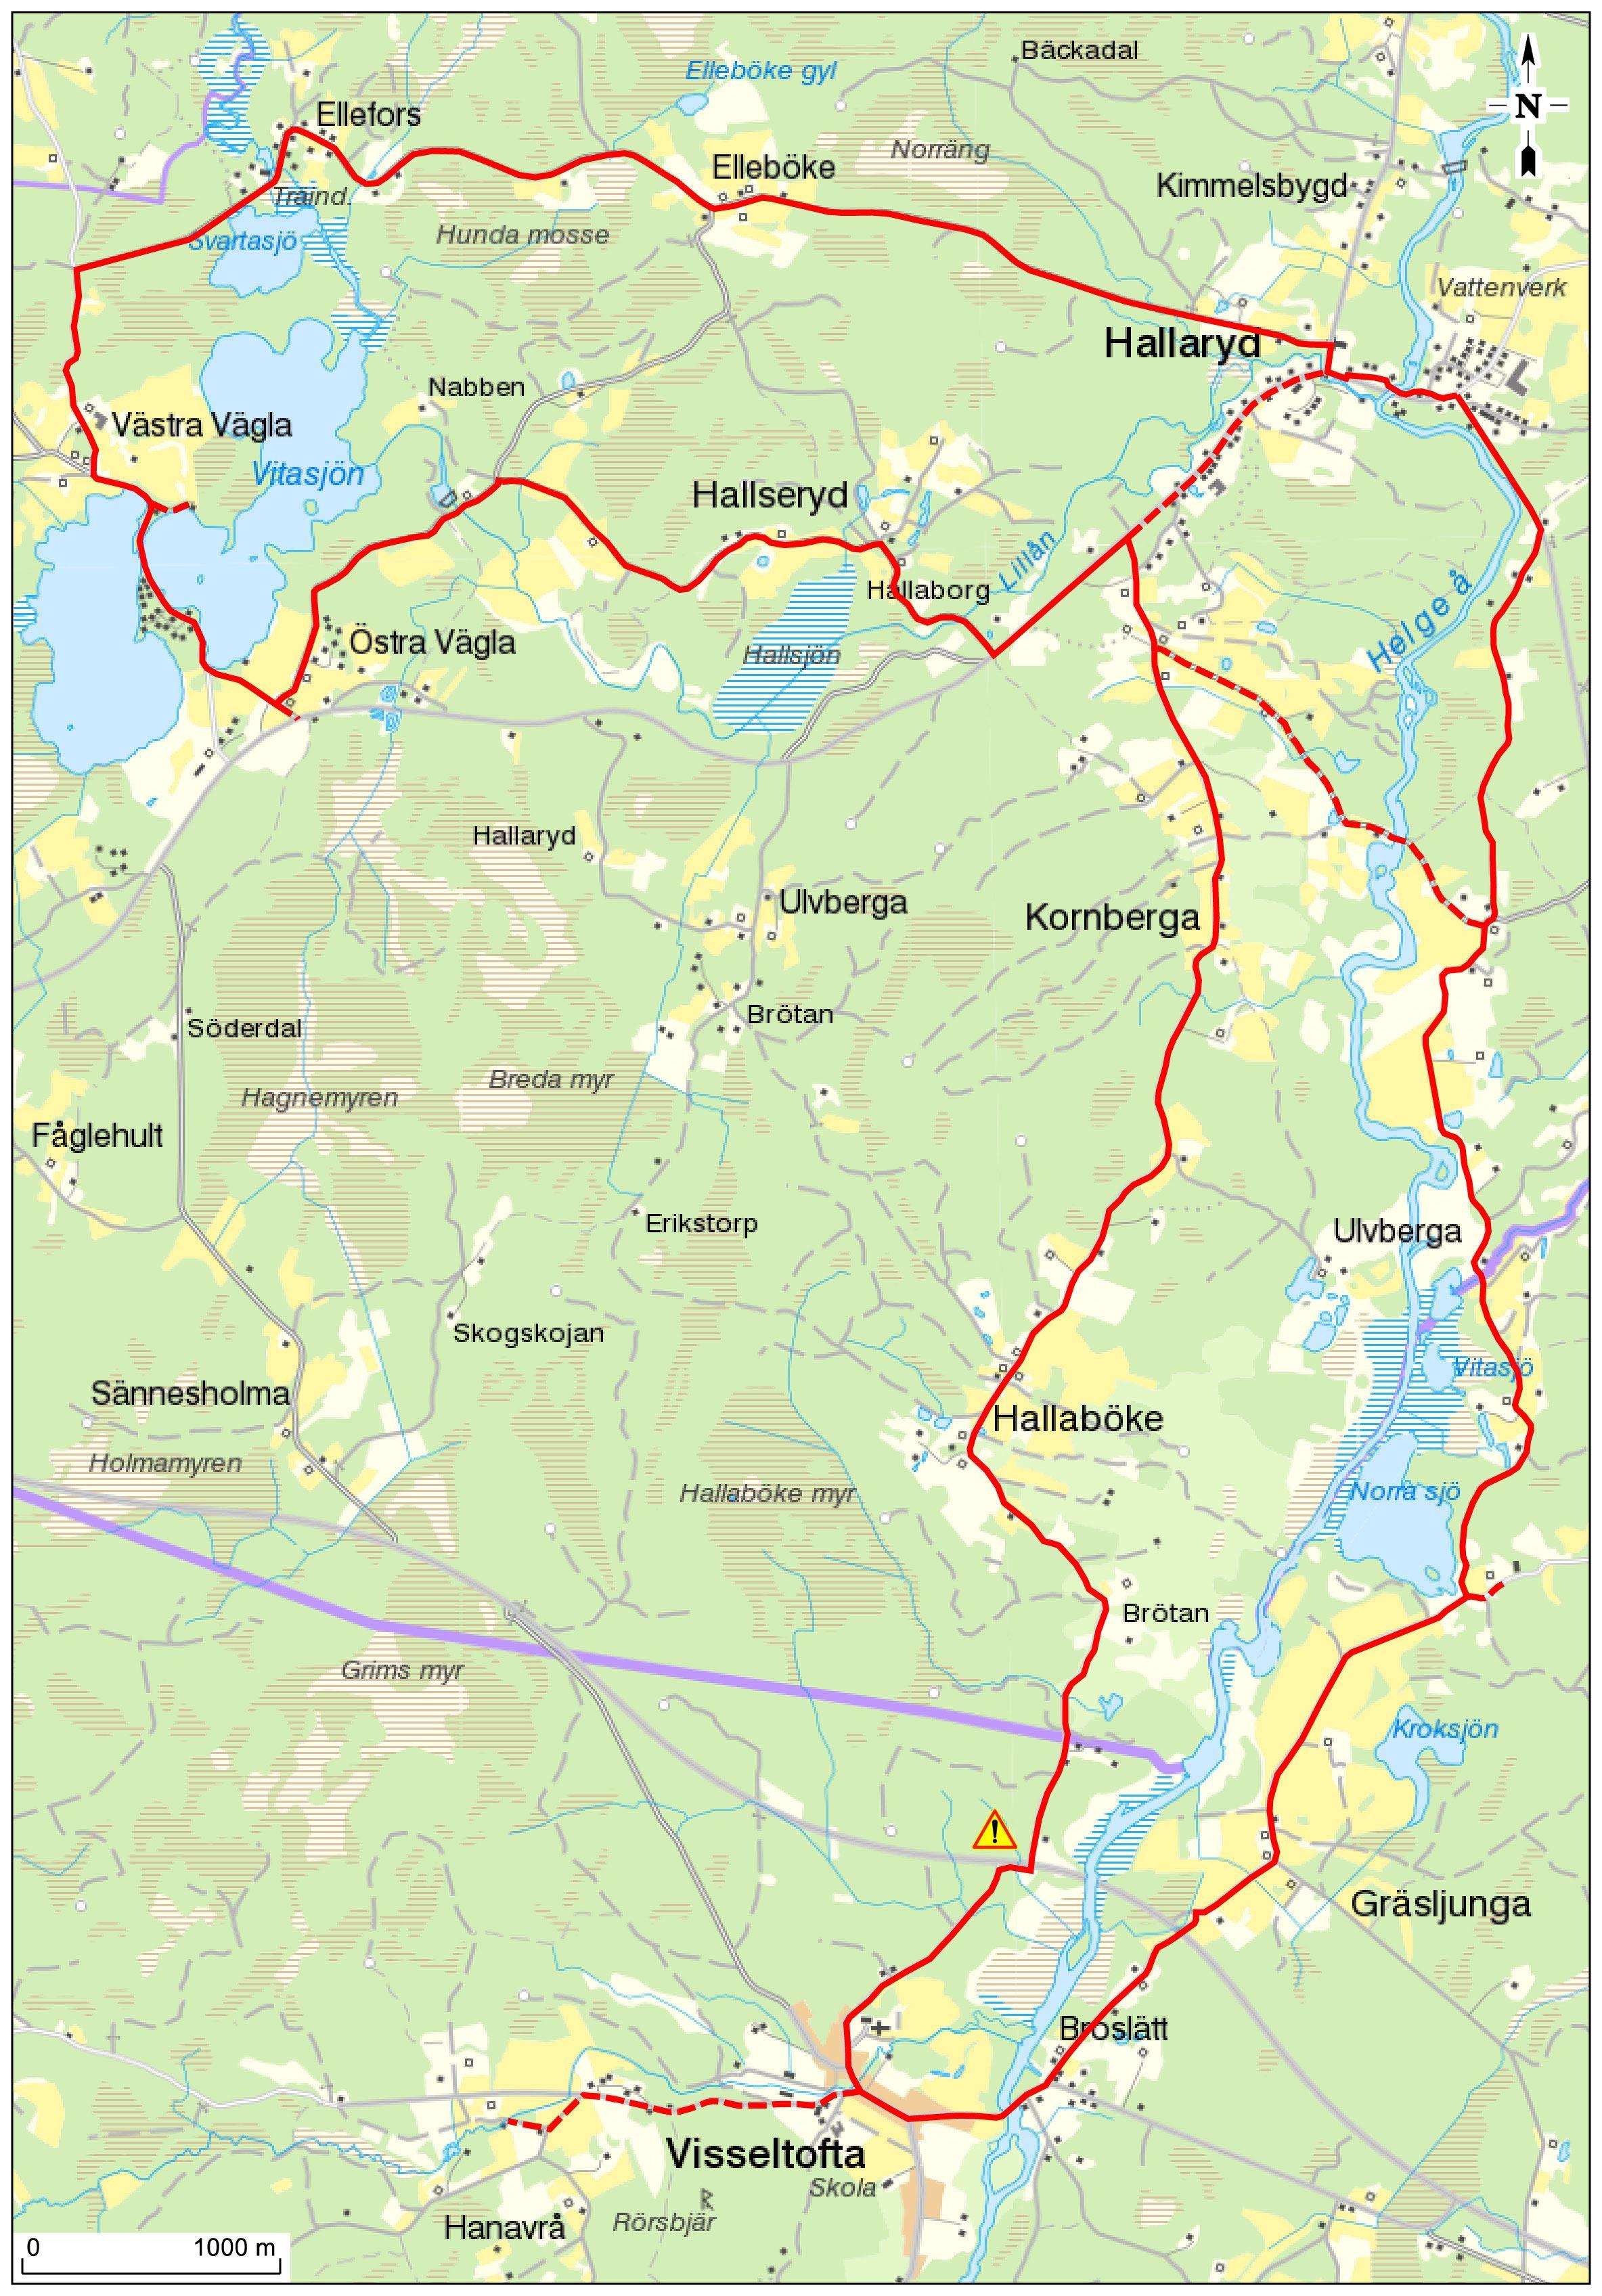 Cykeltur - Hallarydsrundan 29 km